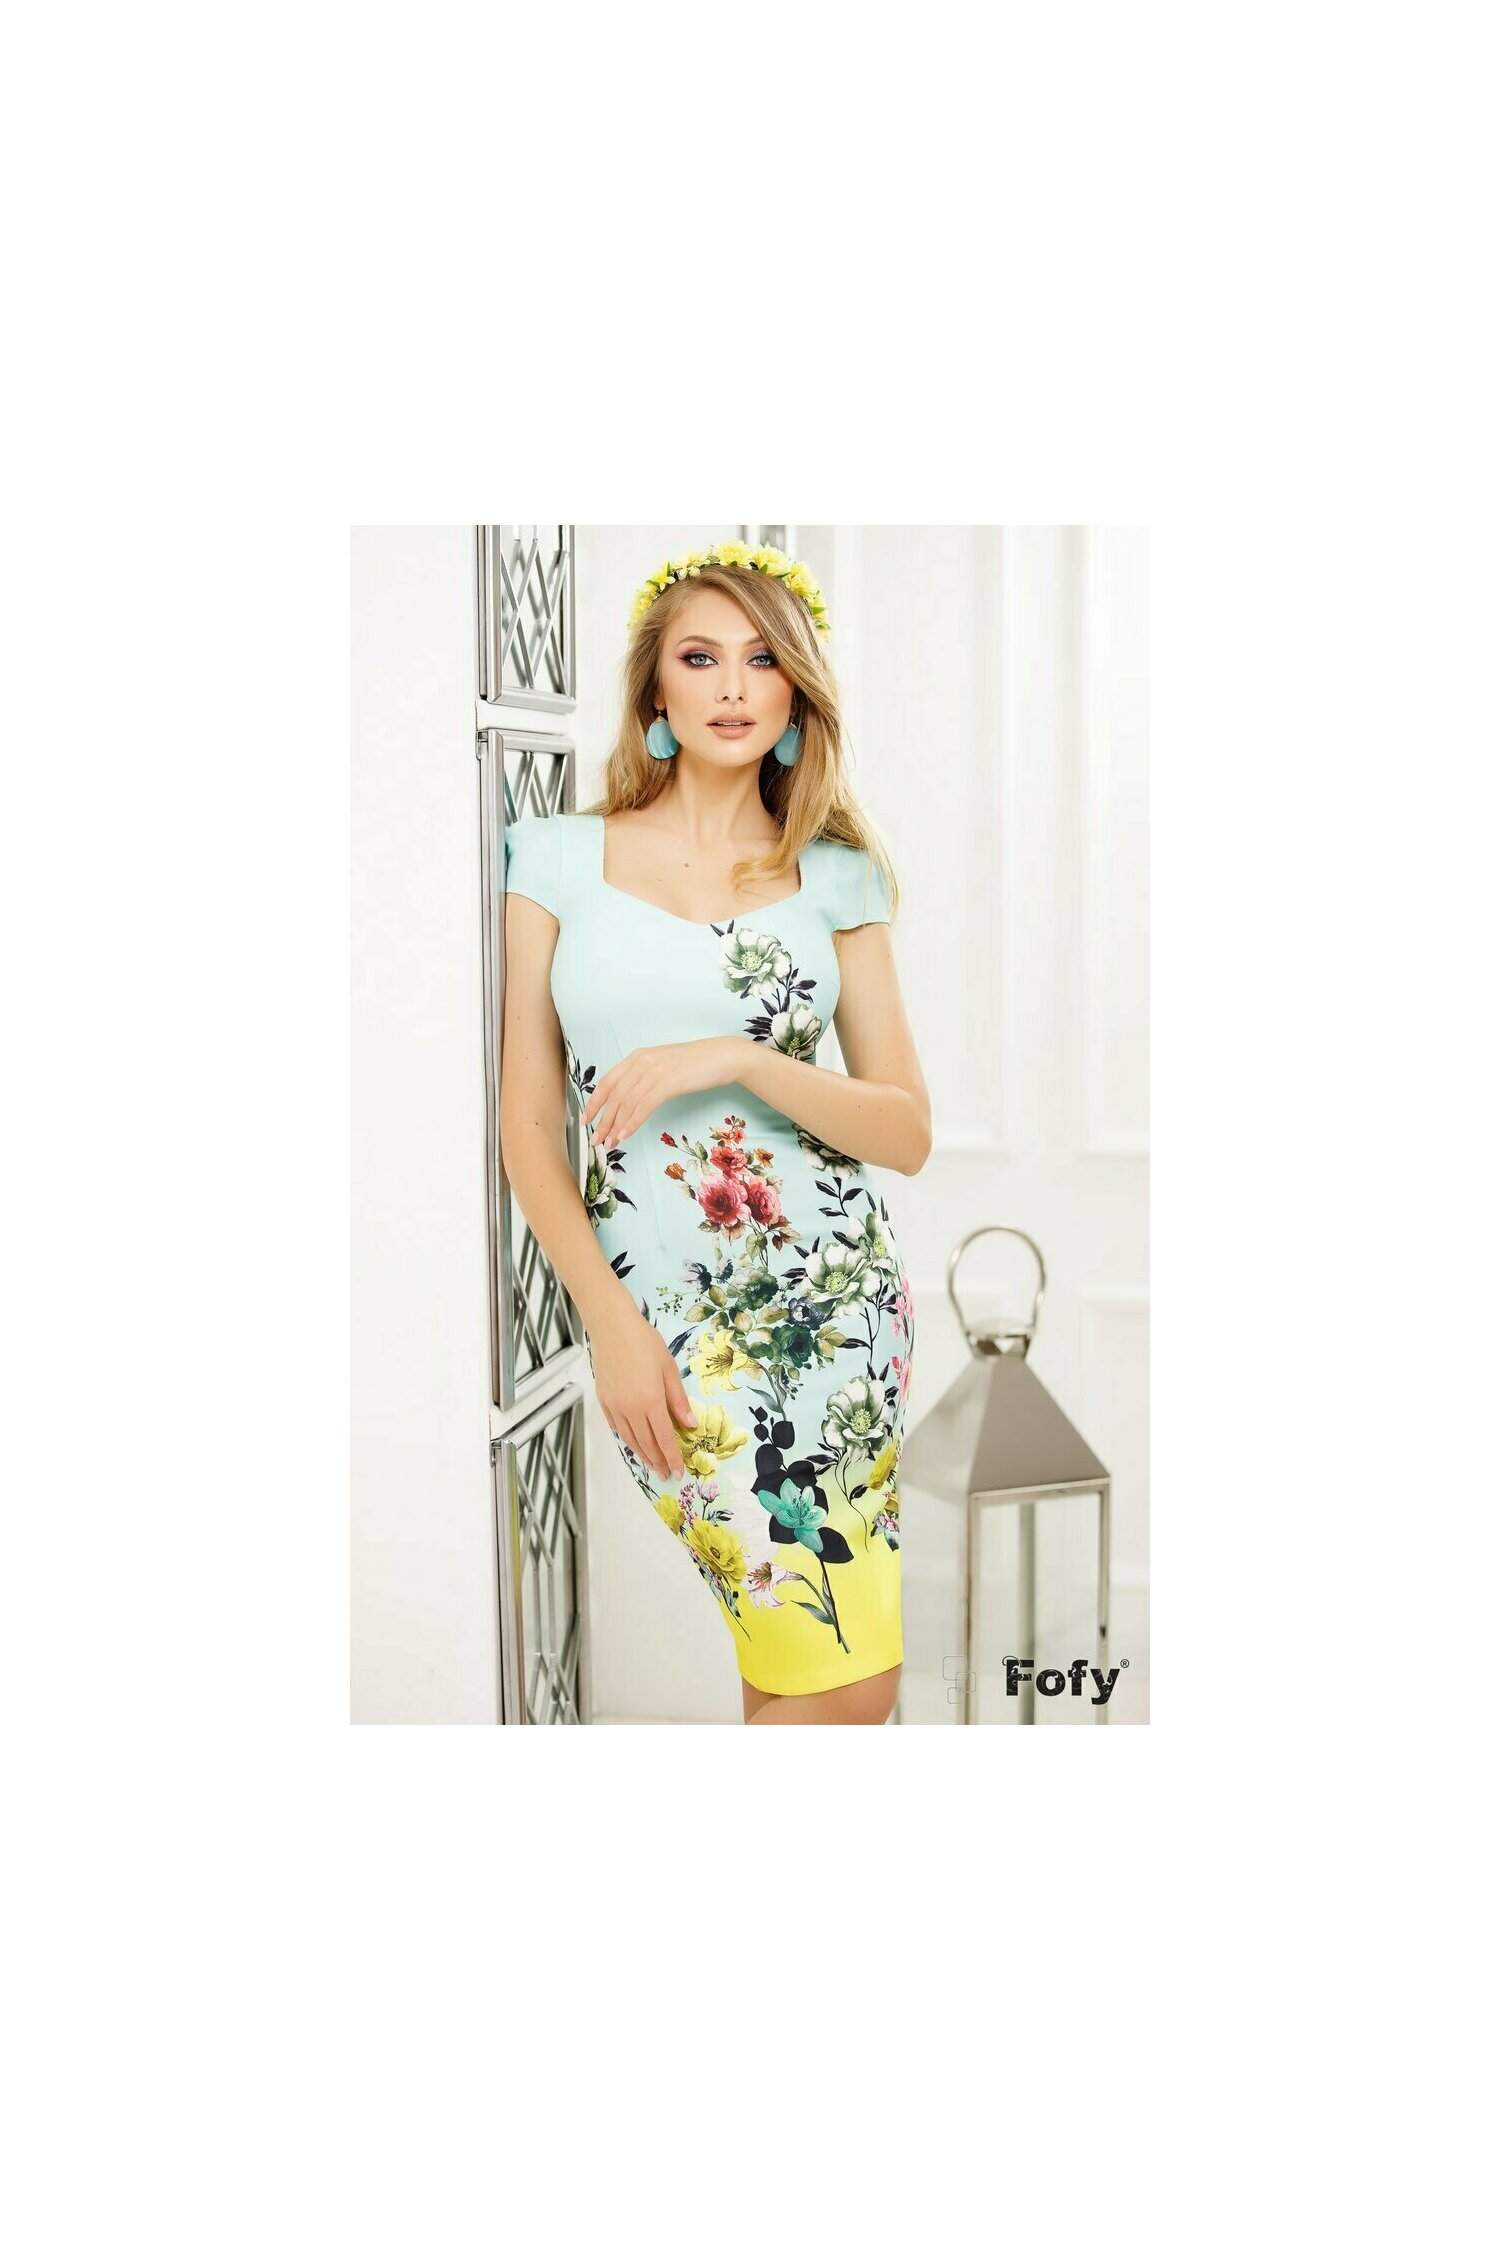 Rochie Fofy cu maneca scurta cu imprimeu floral si decolteu generos cu bordura lime